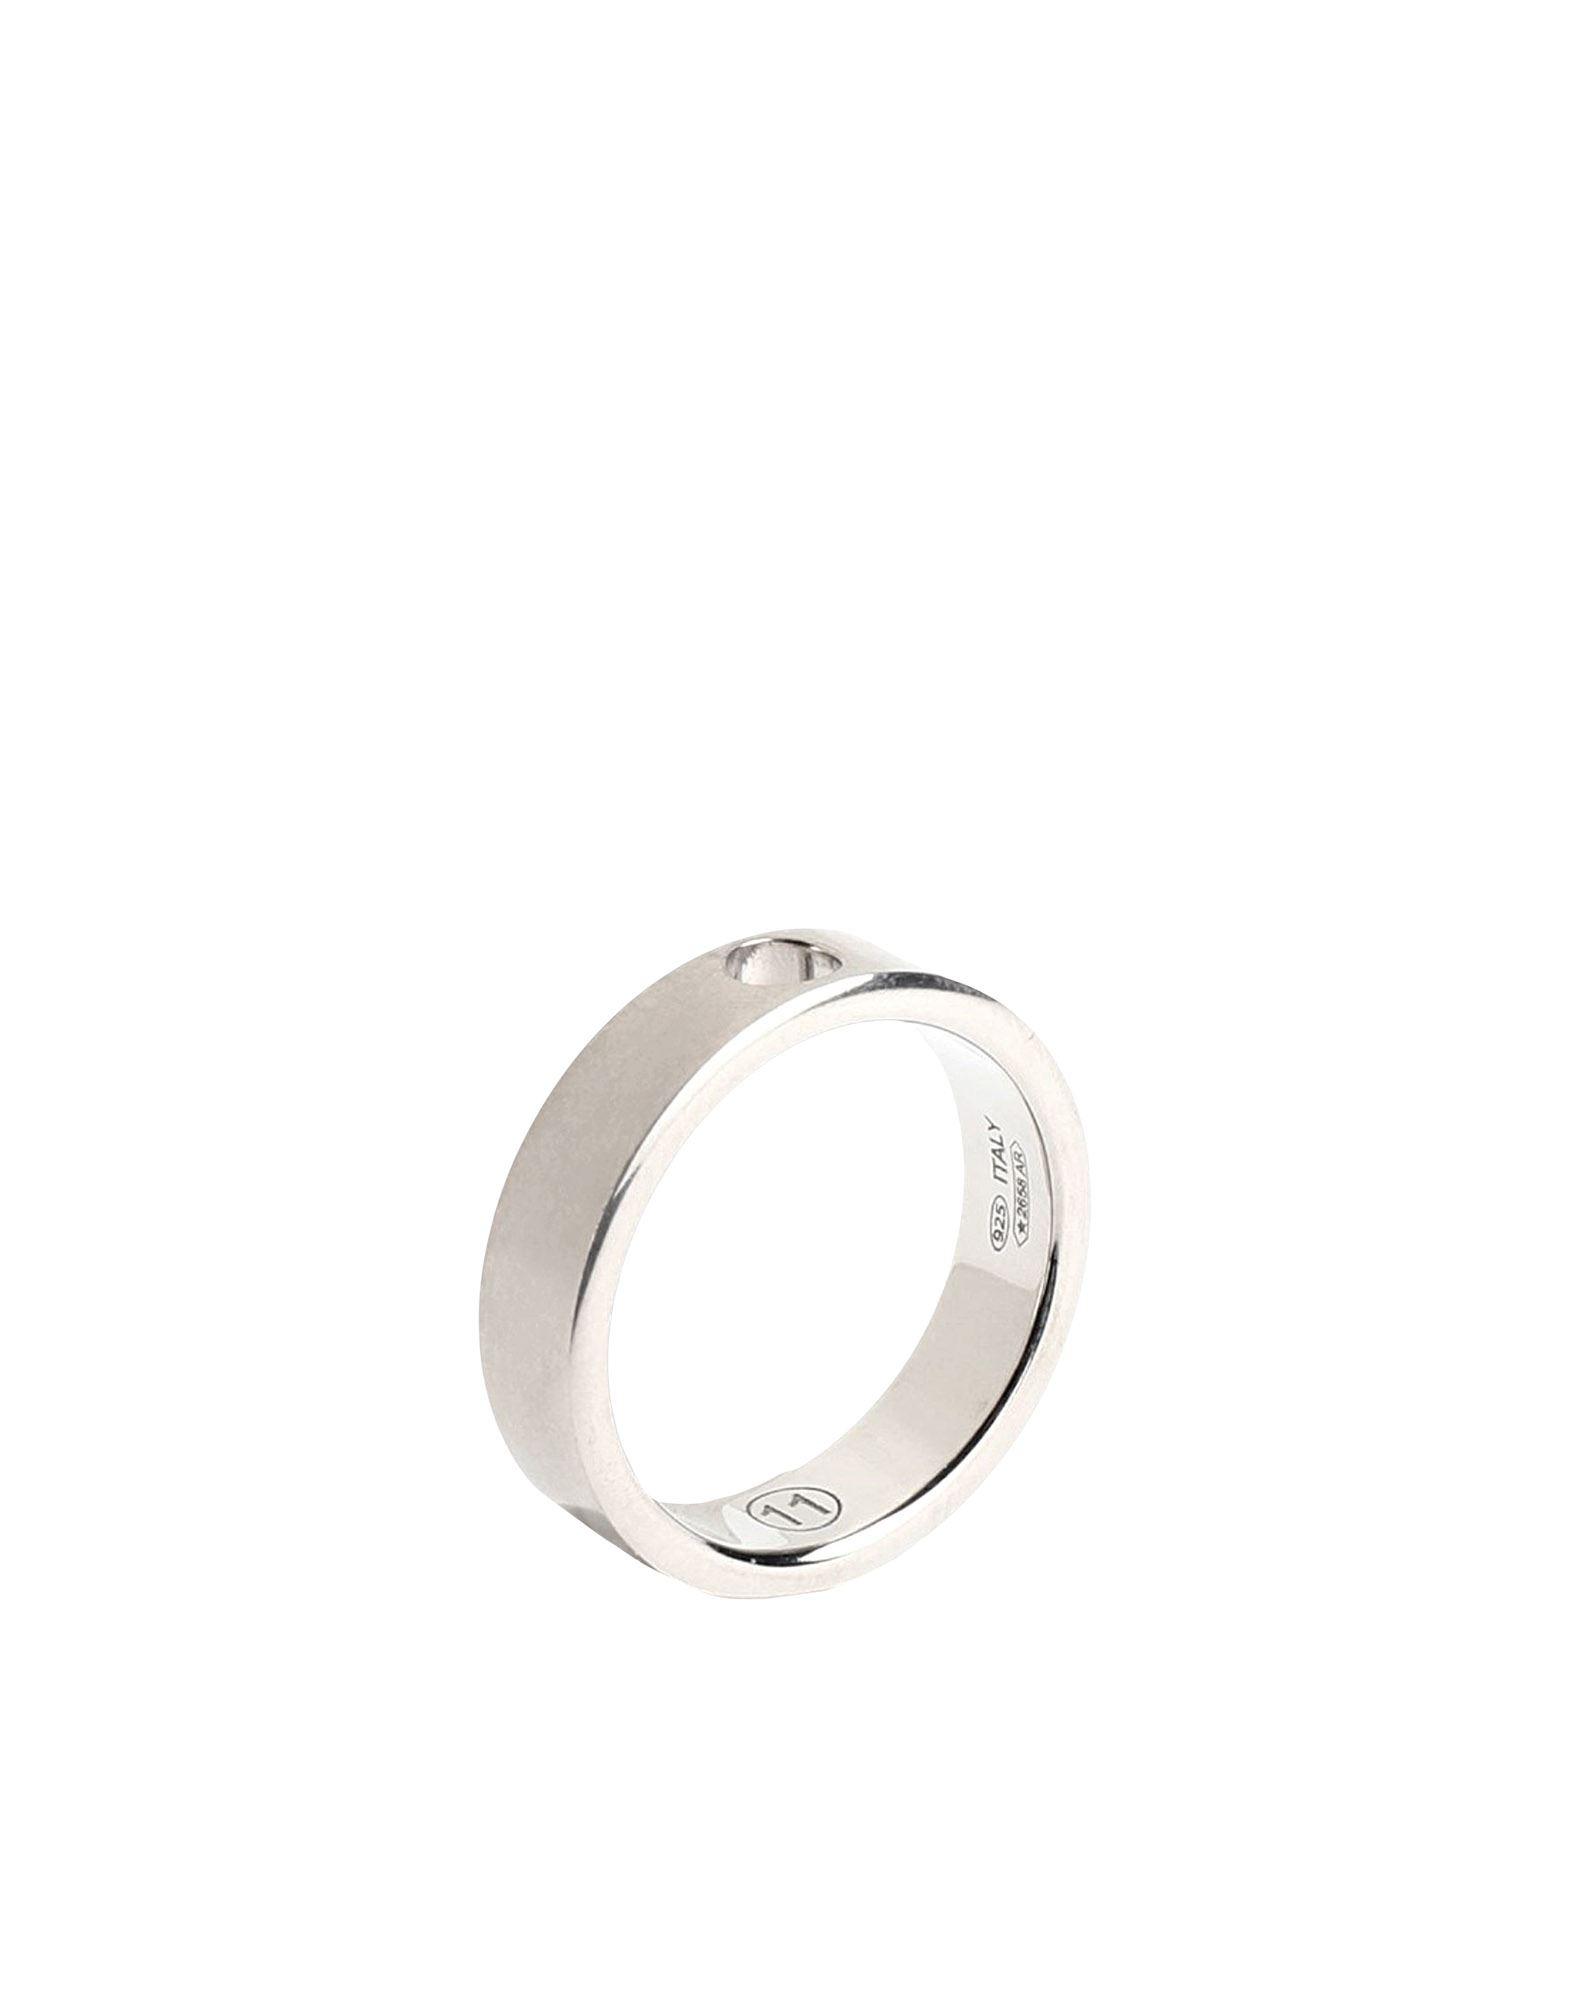 MAISON MARGIELA メゾン マルジェラ メンズ 指輪 シルバー